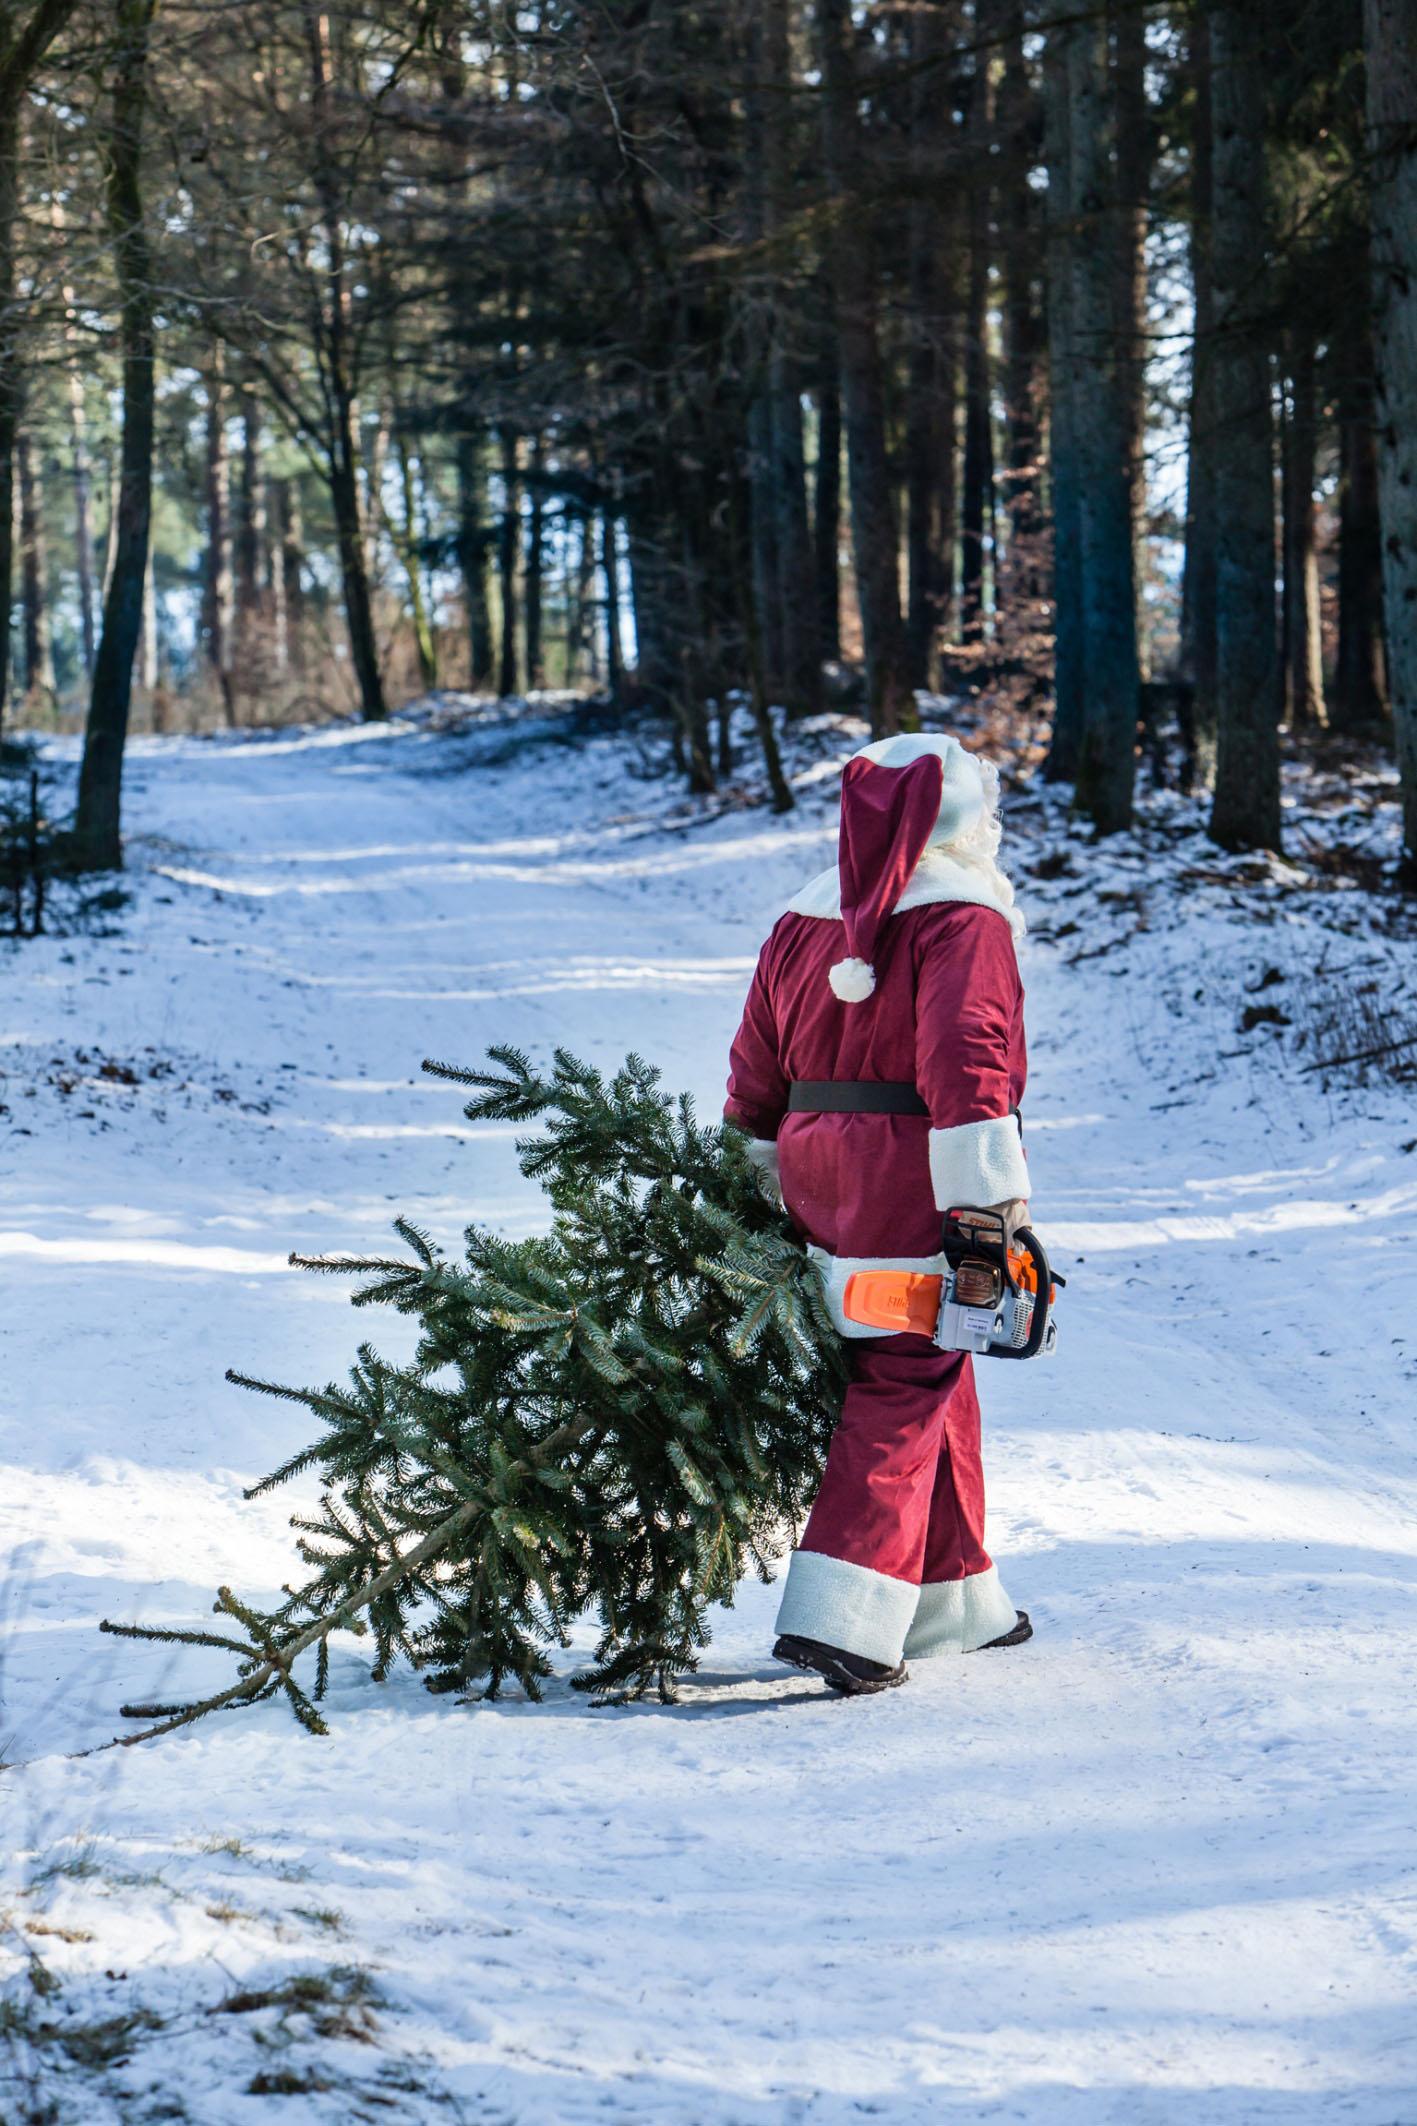 Weihnachtsbaum selbst schlagen mit dem Weihnachtsmann